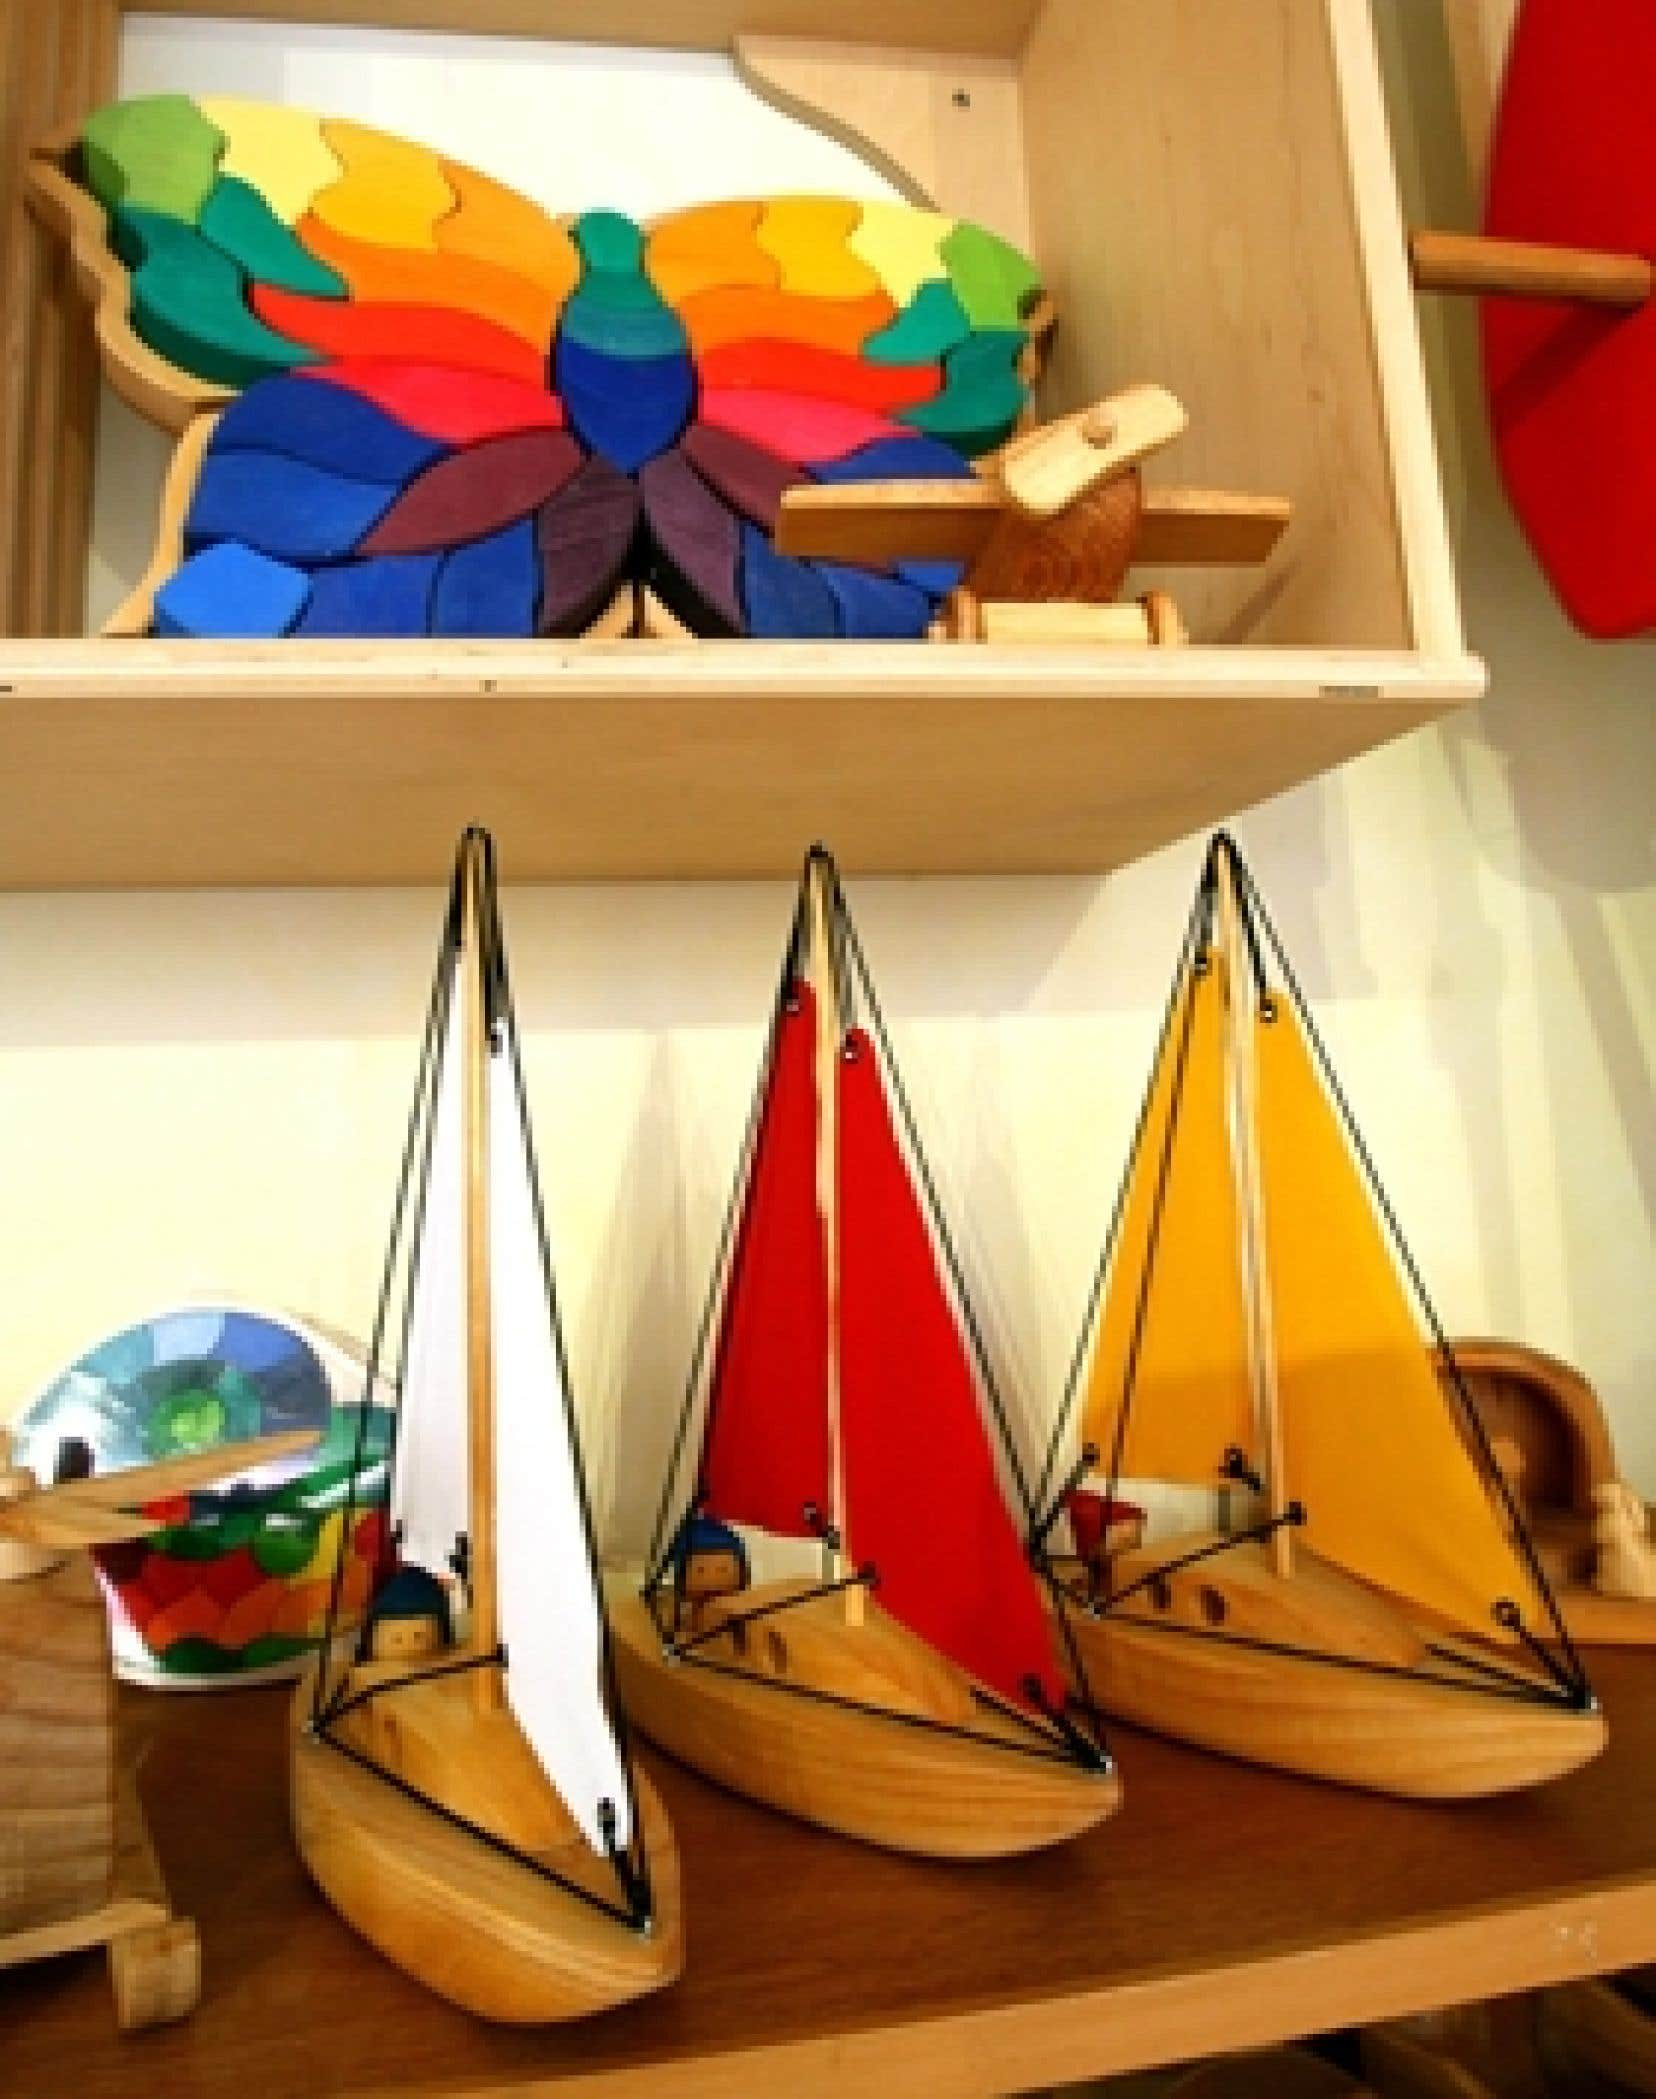 Dans la boutique, la confection artisanale prédomine, principalement celle façonnée par les doigts habiles de nos artisans locaux.